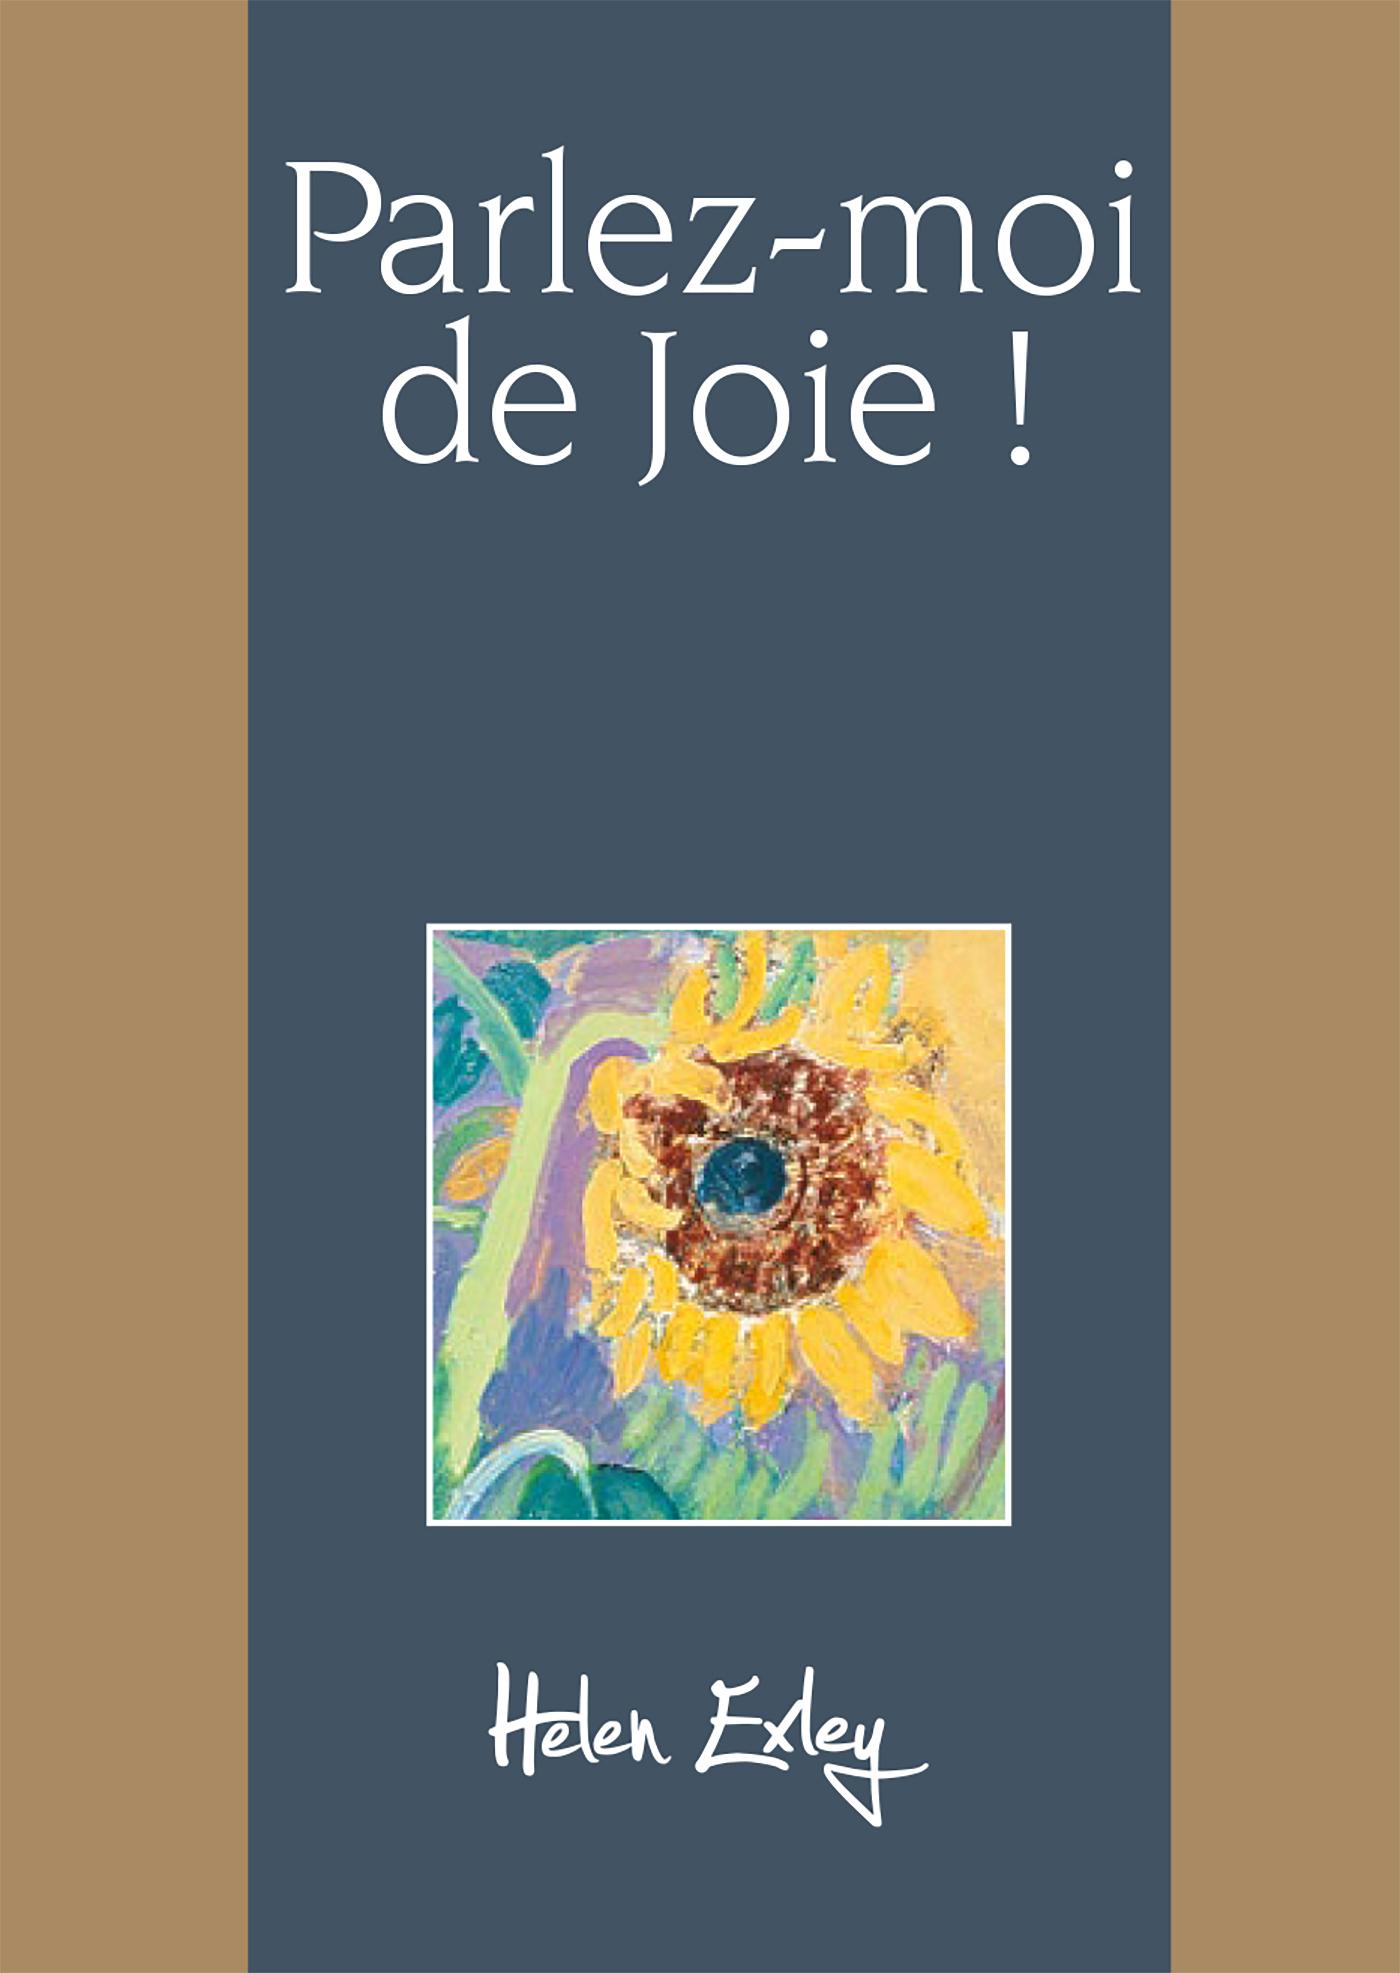 PARLEZ-MOI DE JOIE